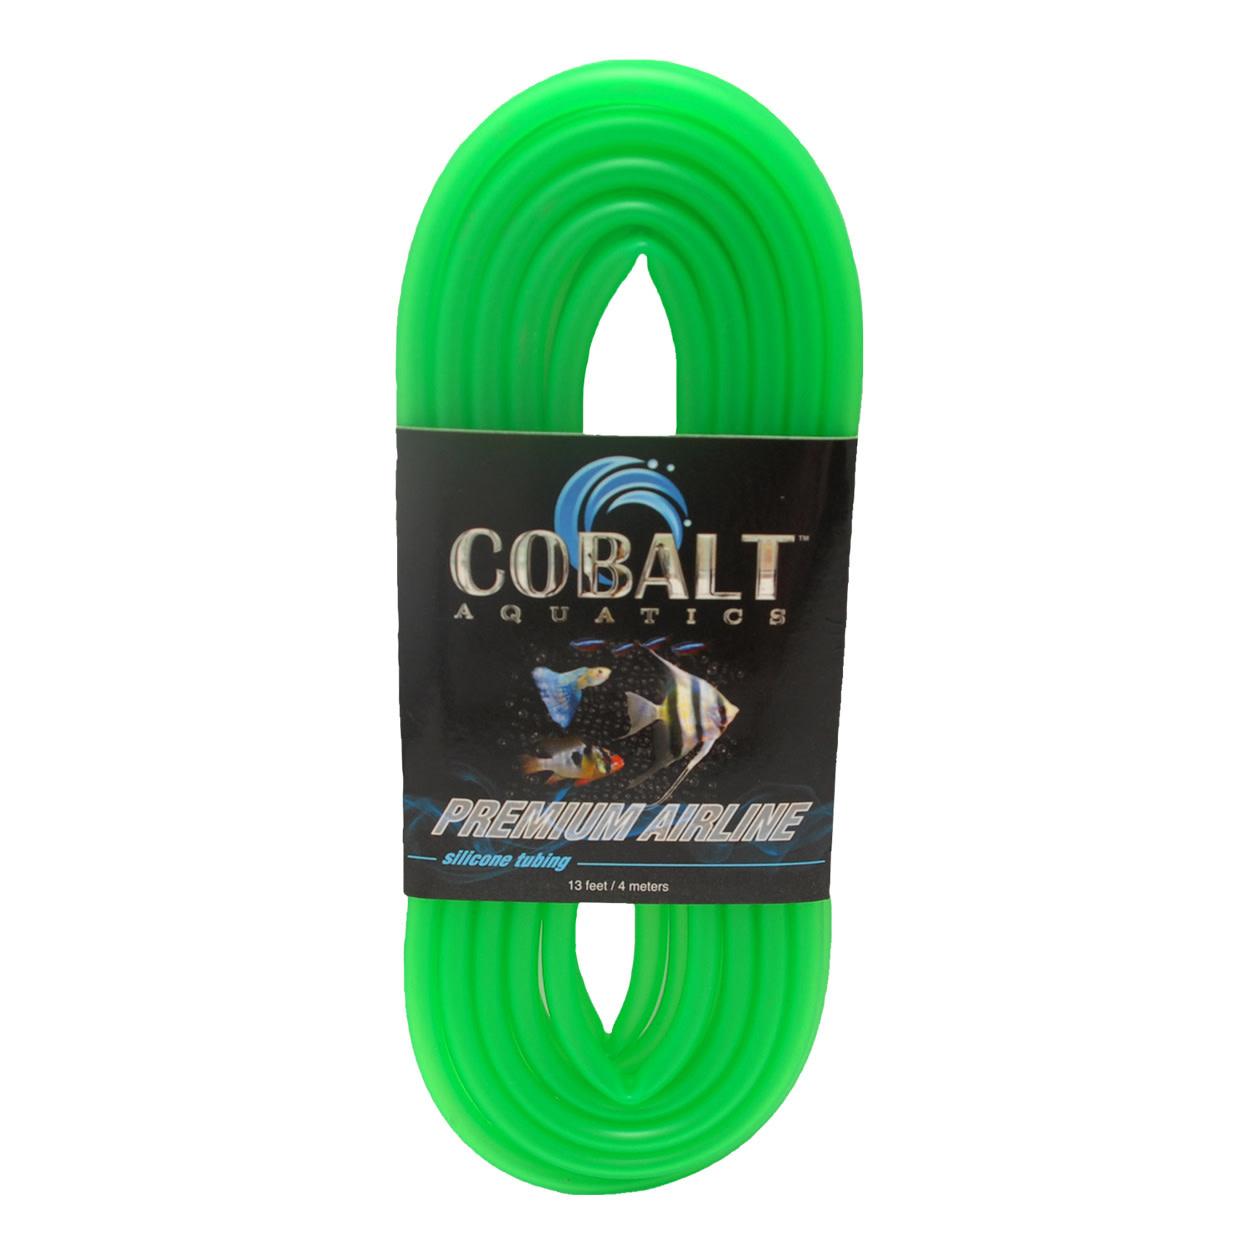 Cobalt Aquatics Cobalt Premium Air Line - Green 13'